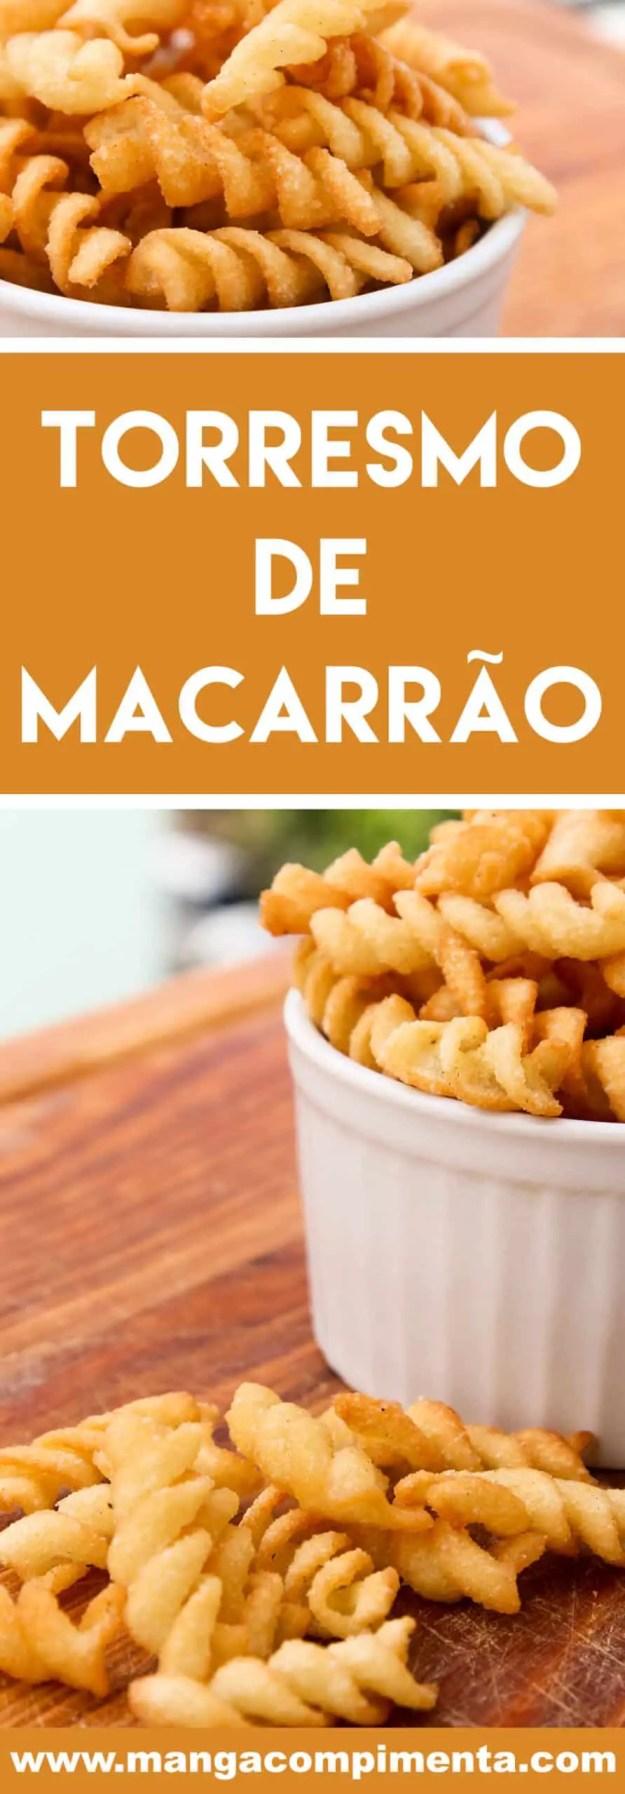 Receita de Torresmo de Macarrão - aproveite para preparar um petisco delicioso no carnaval.